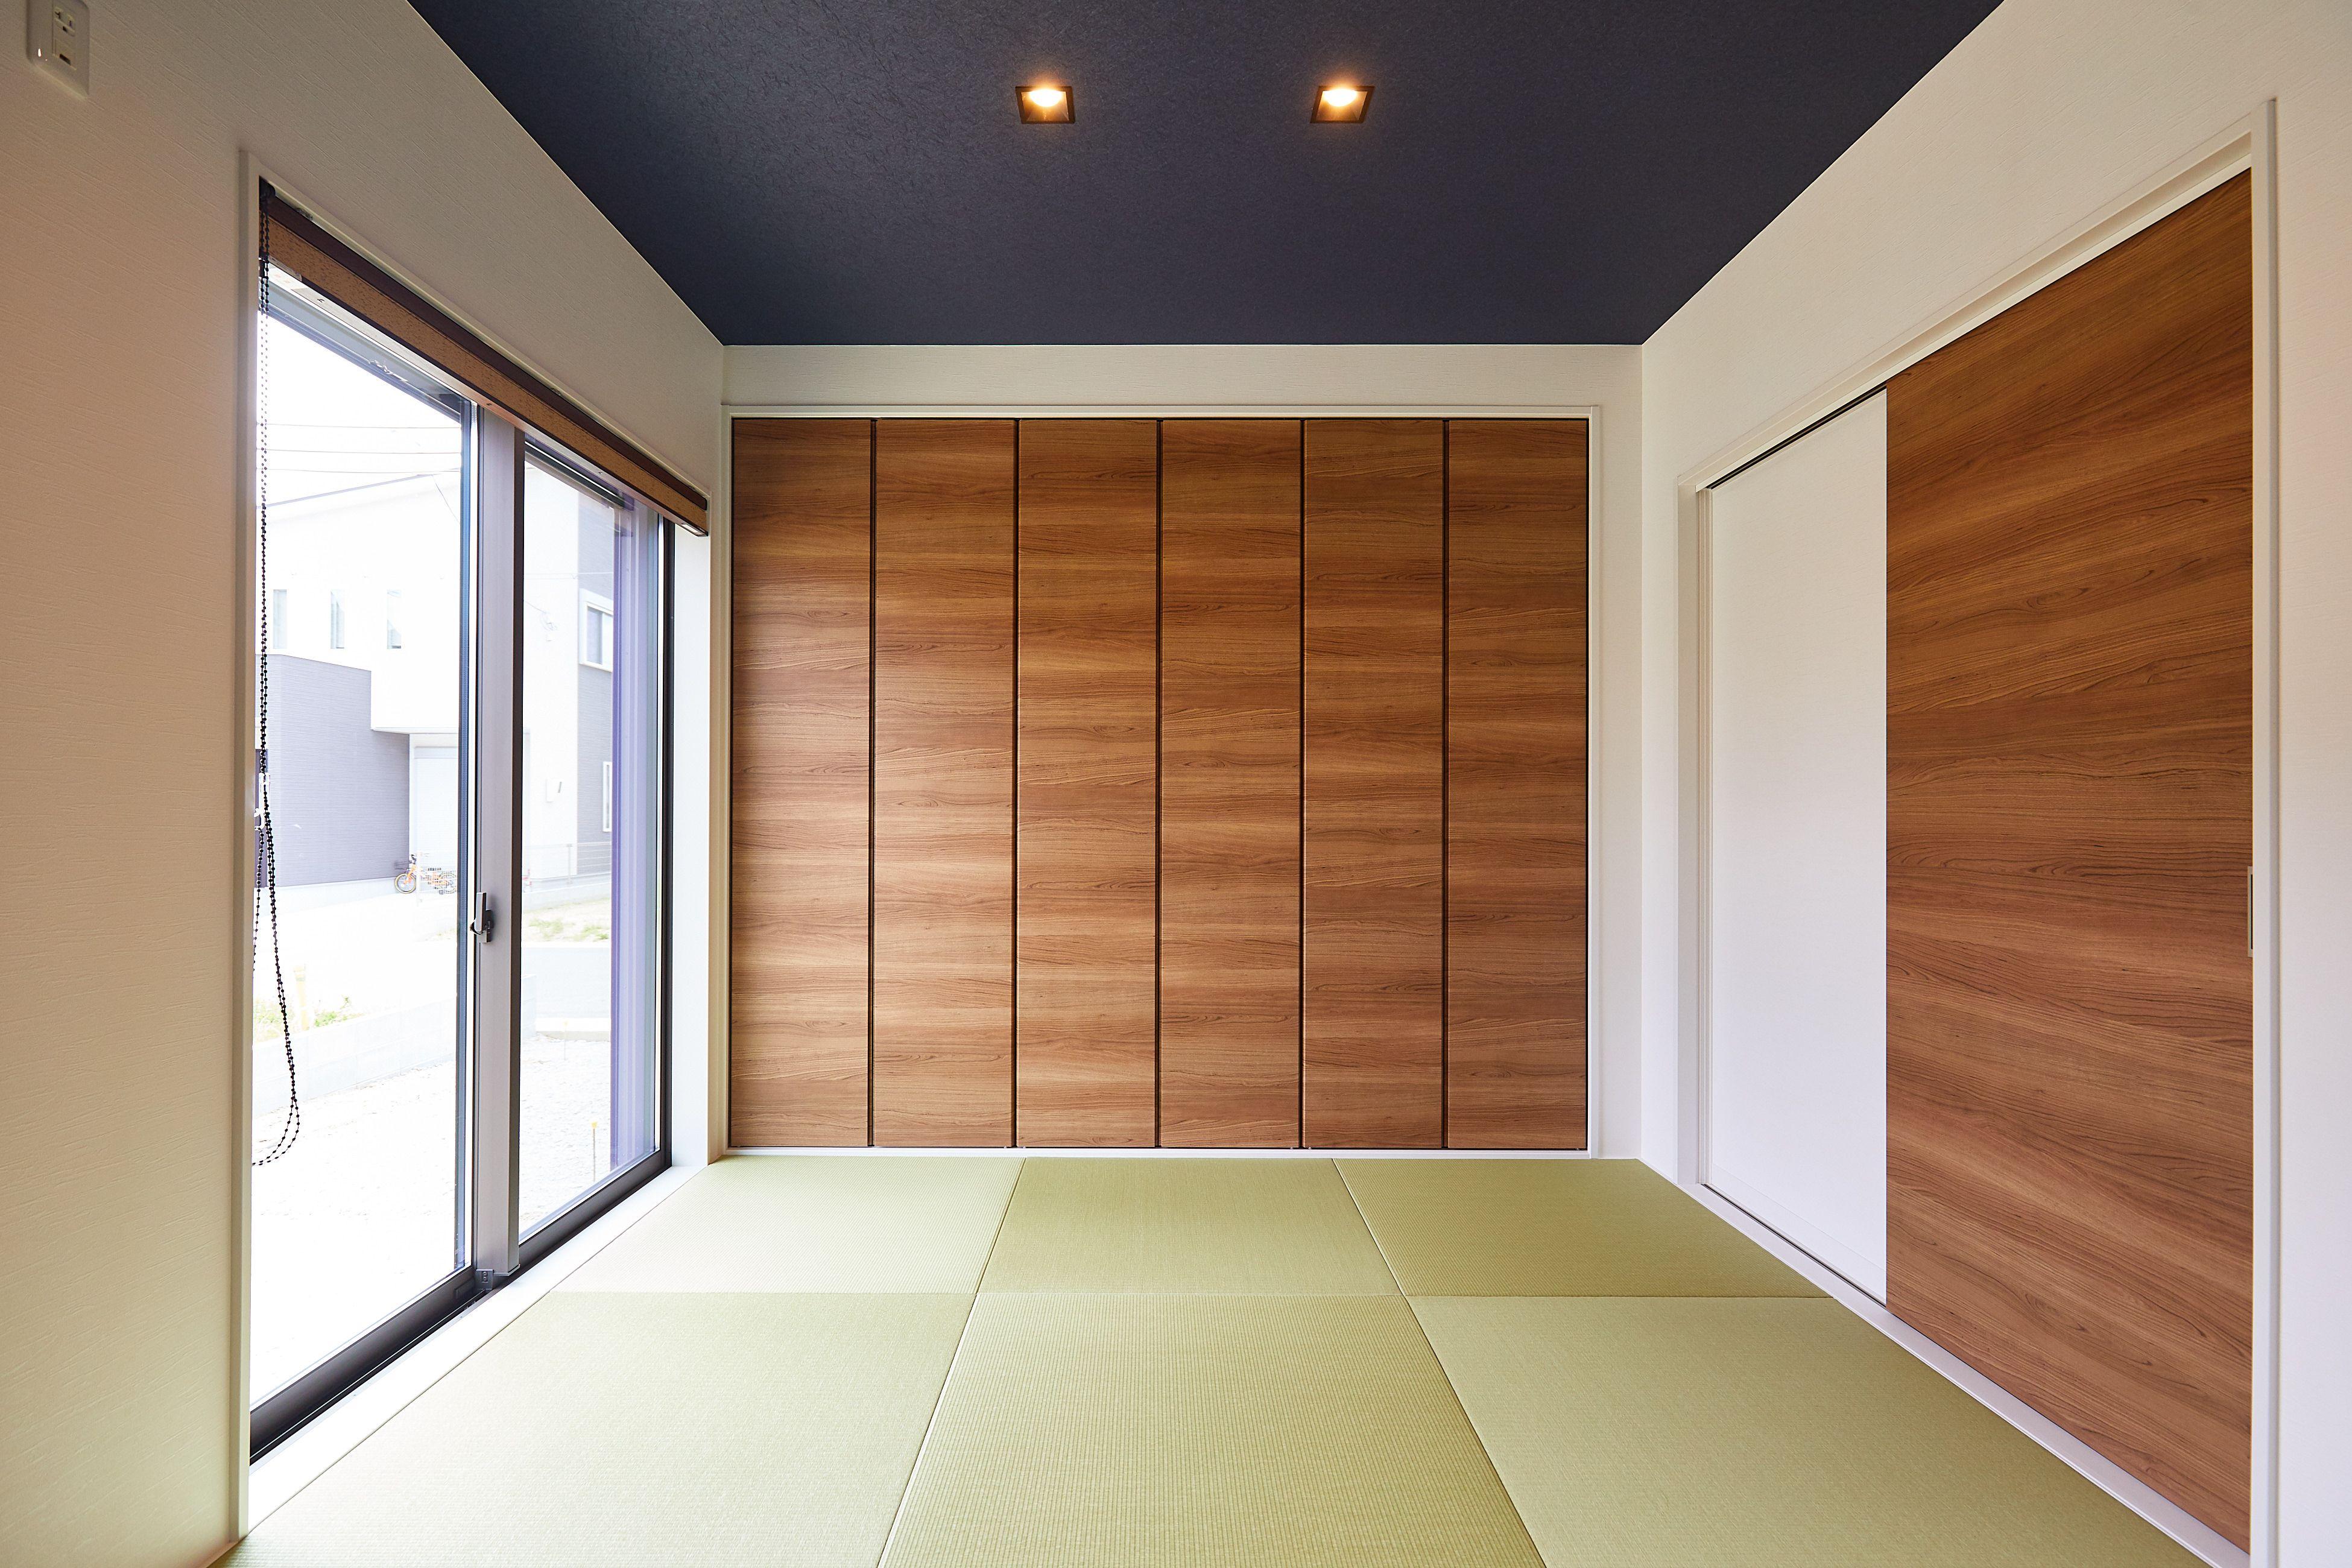 天井には留紺 とまりこん の壁紙を 雰囲気のあるシックな空間に